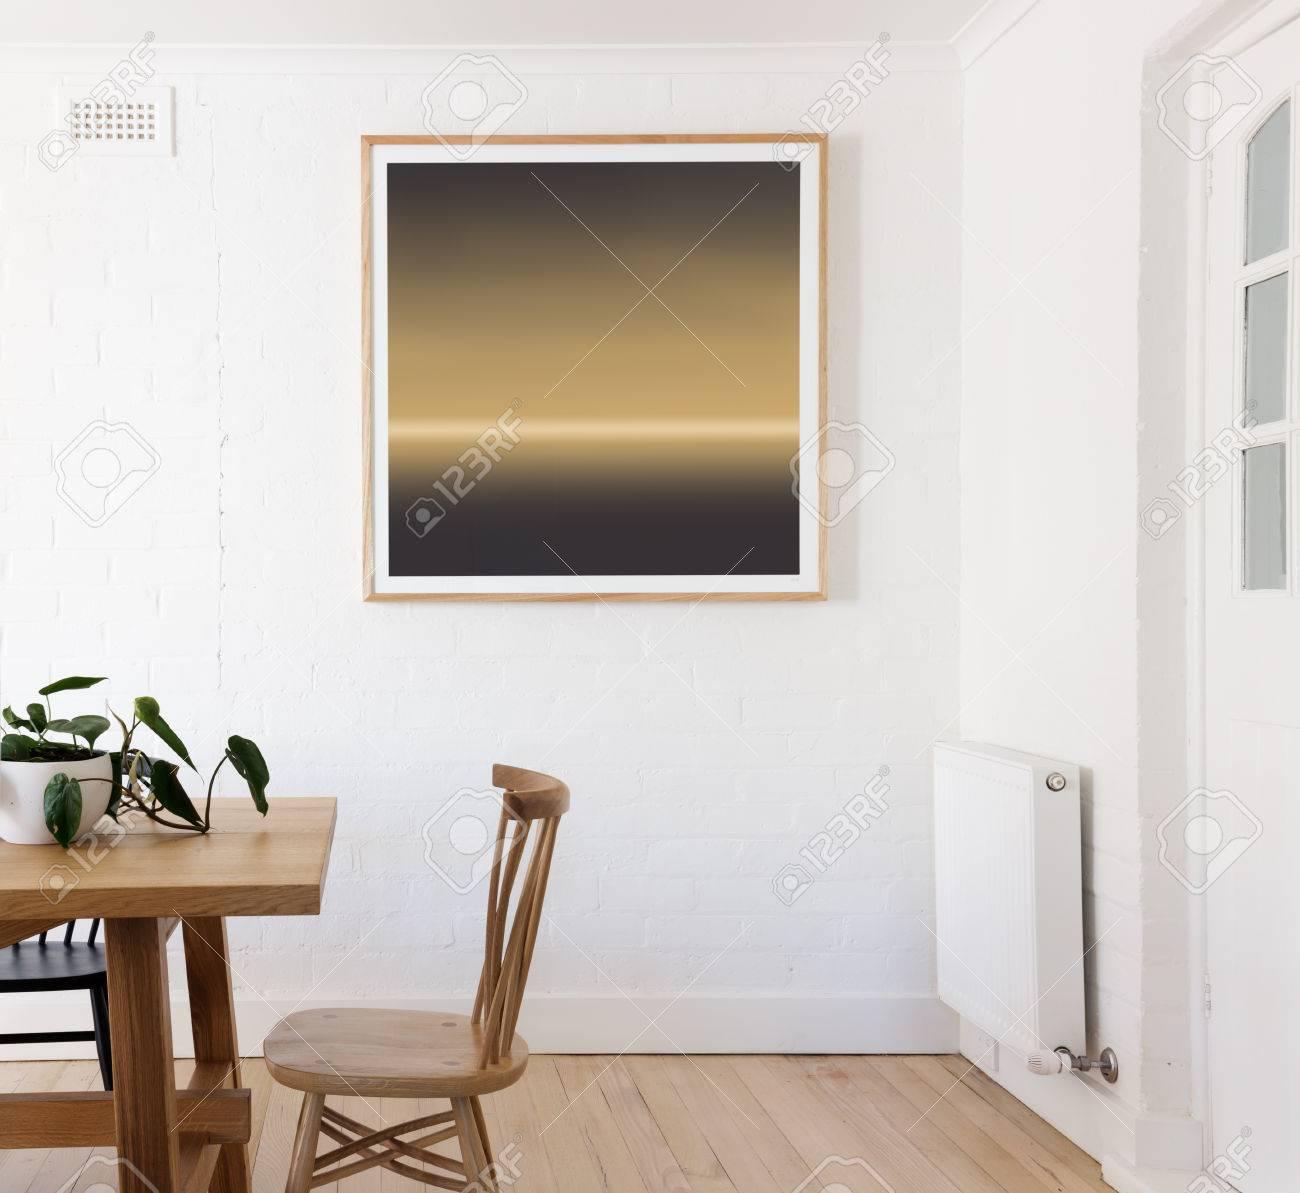 Gelb Und Schwarz Gerahmten Druck Auf Weiße Wand Im Dänischen Innen ...